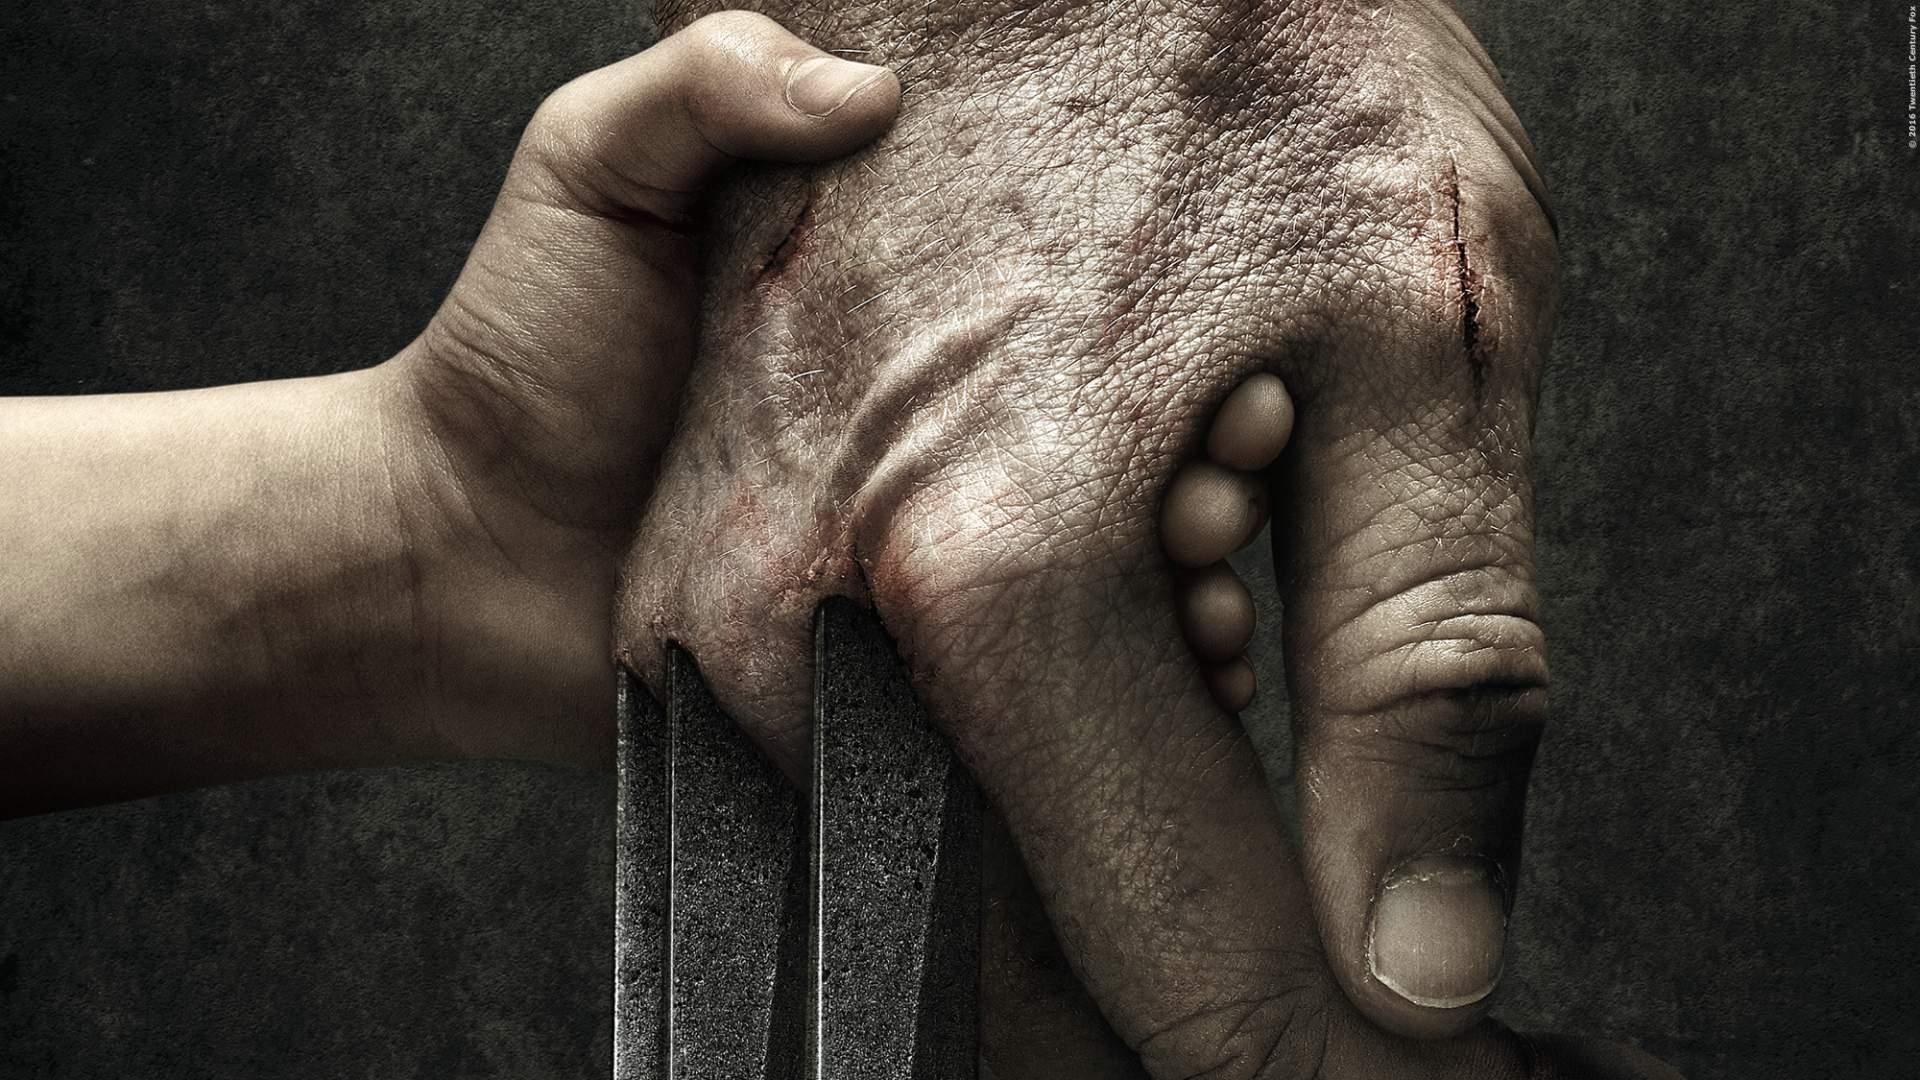 Logan - Wolverine Trailer Super Bowl - Bild 1 von 1